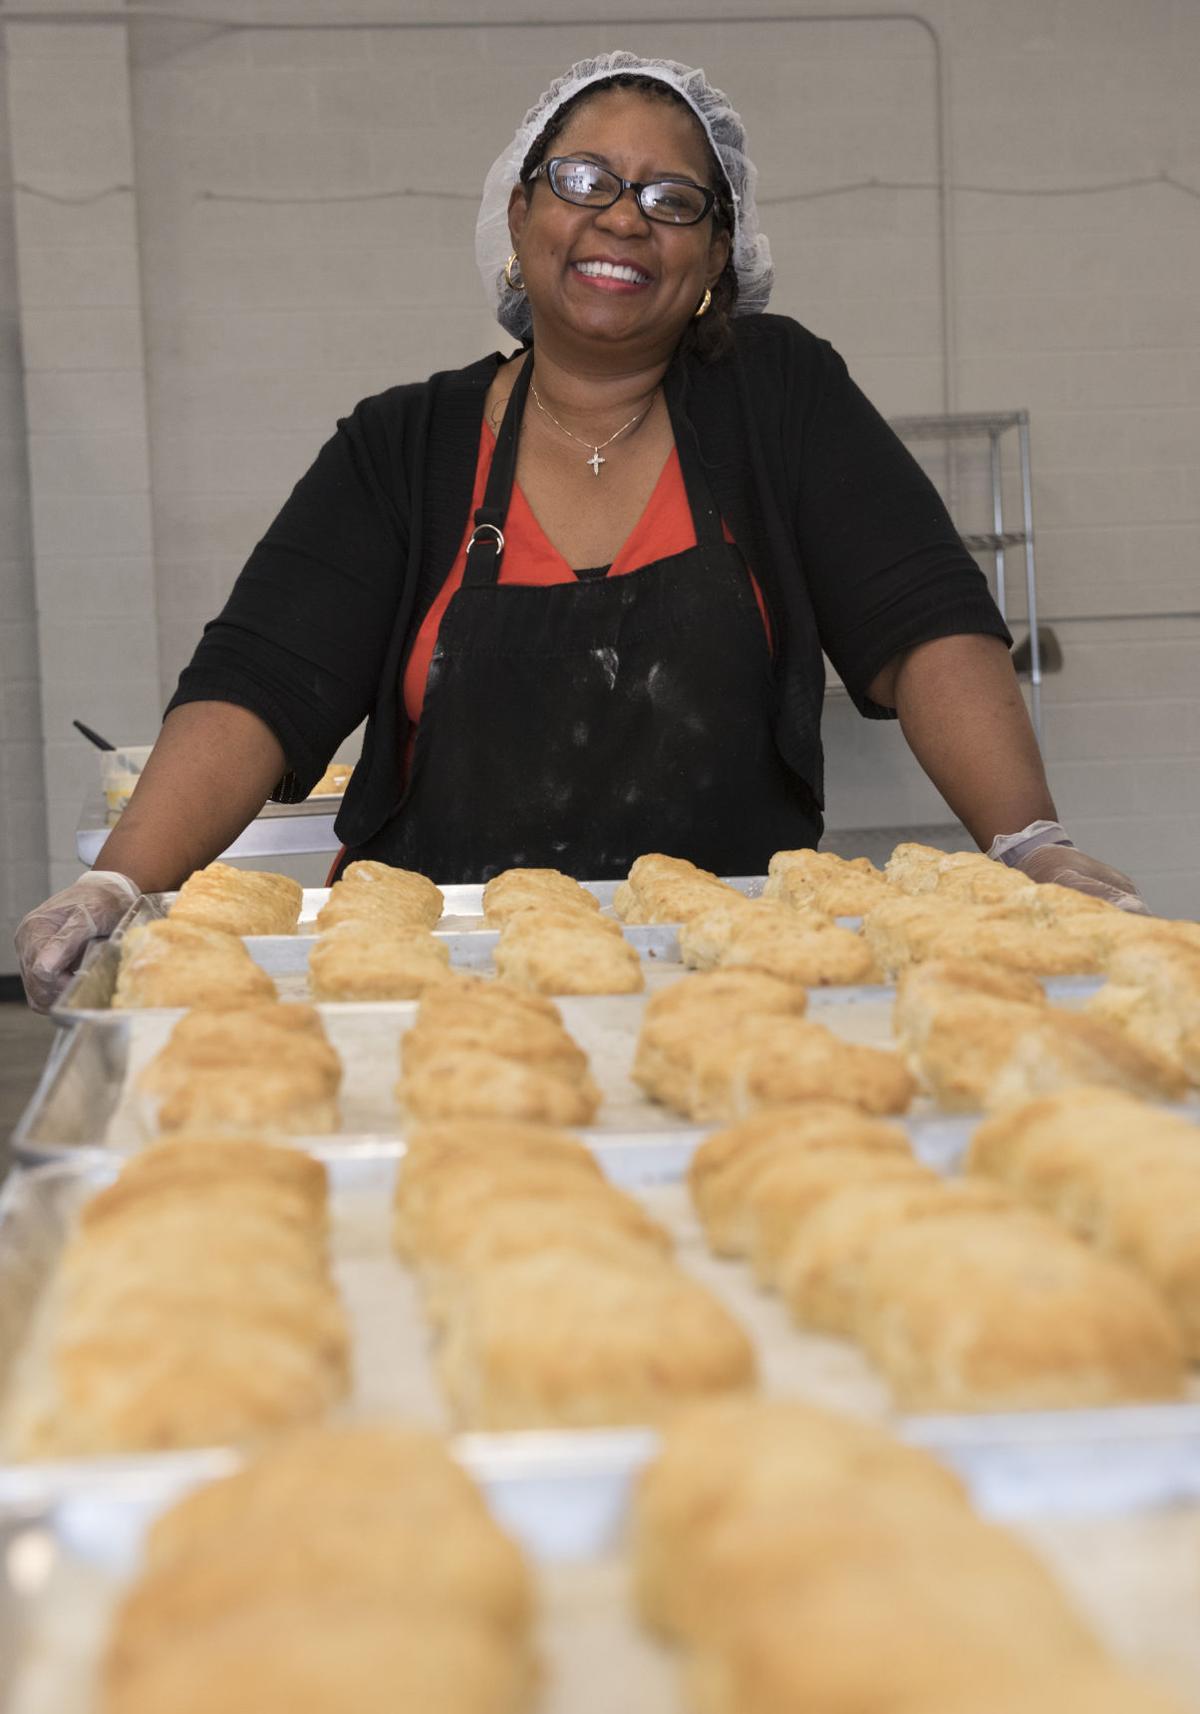 Mama Biscuit's Gourmet Biscuits